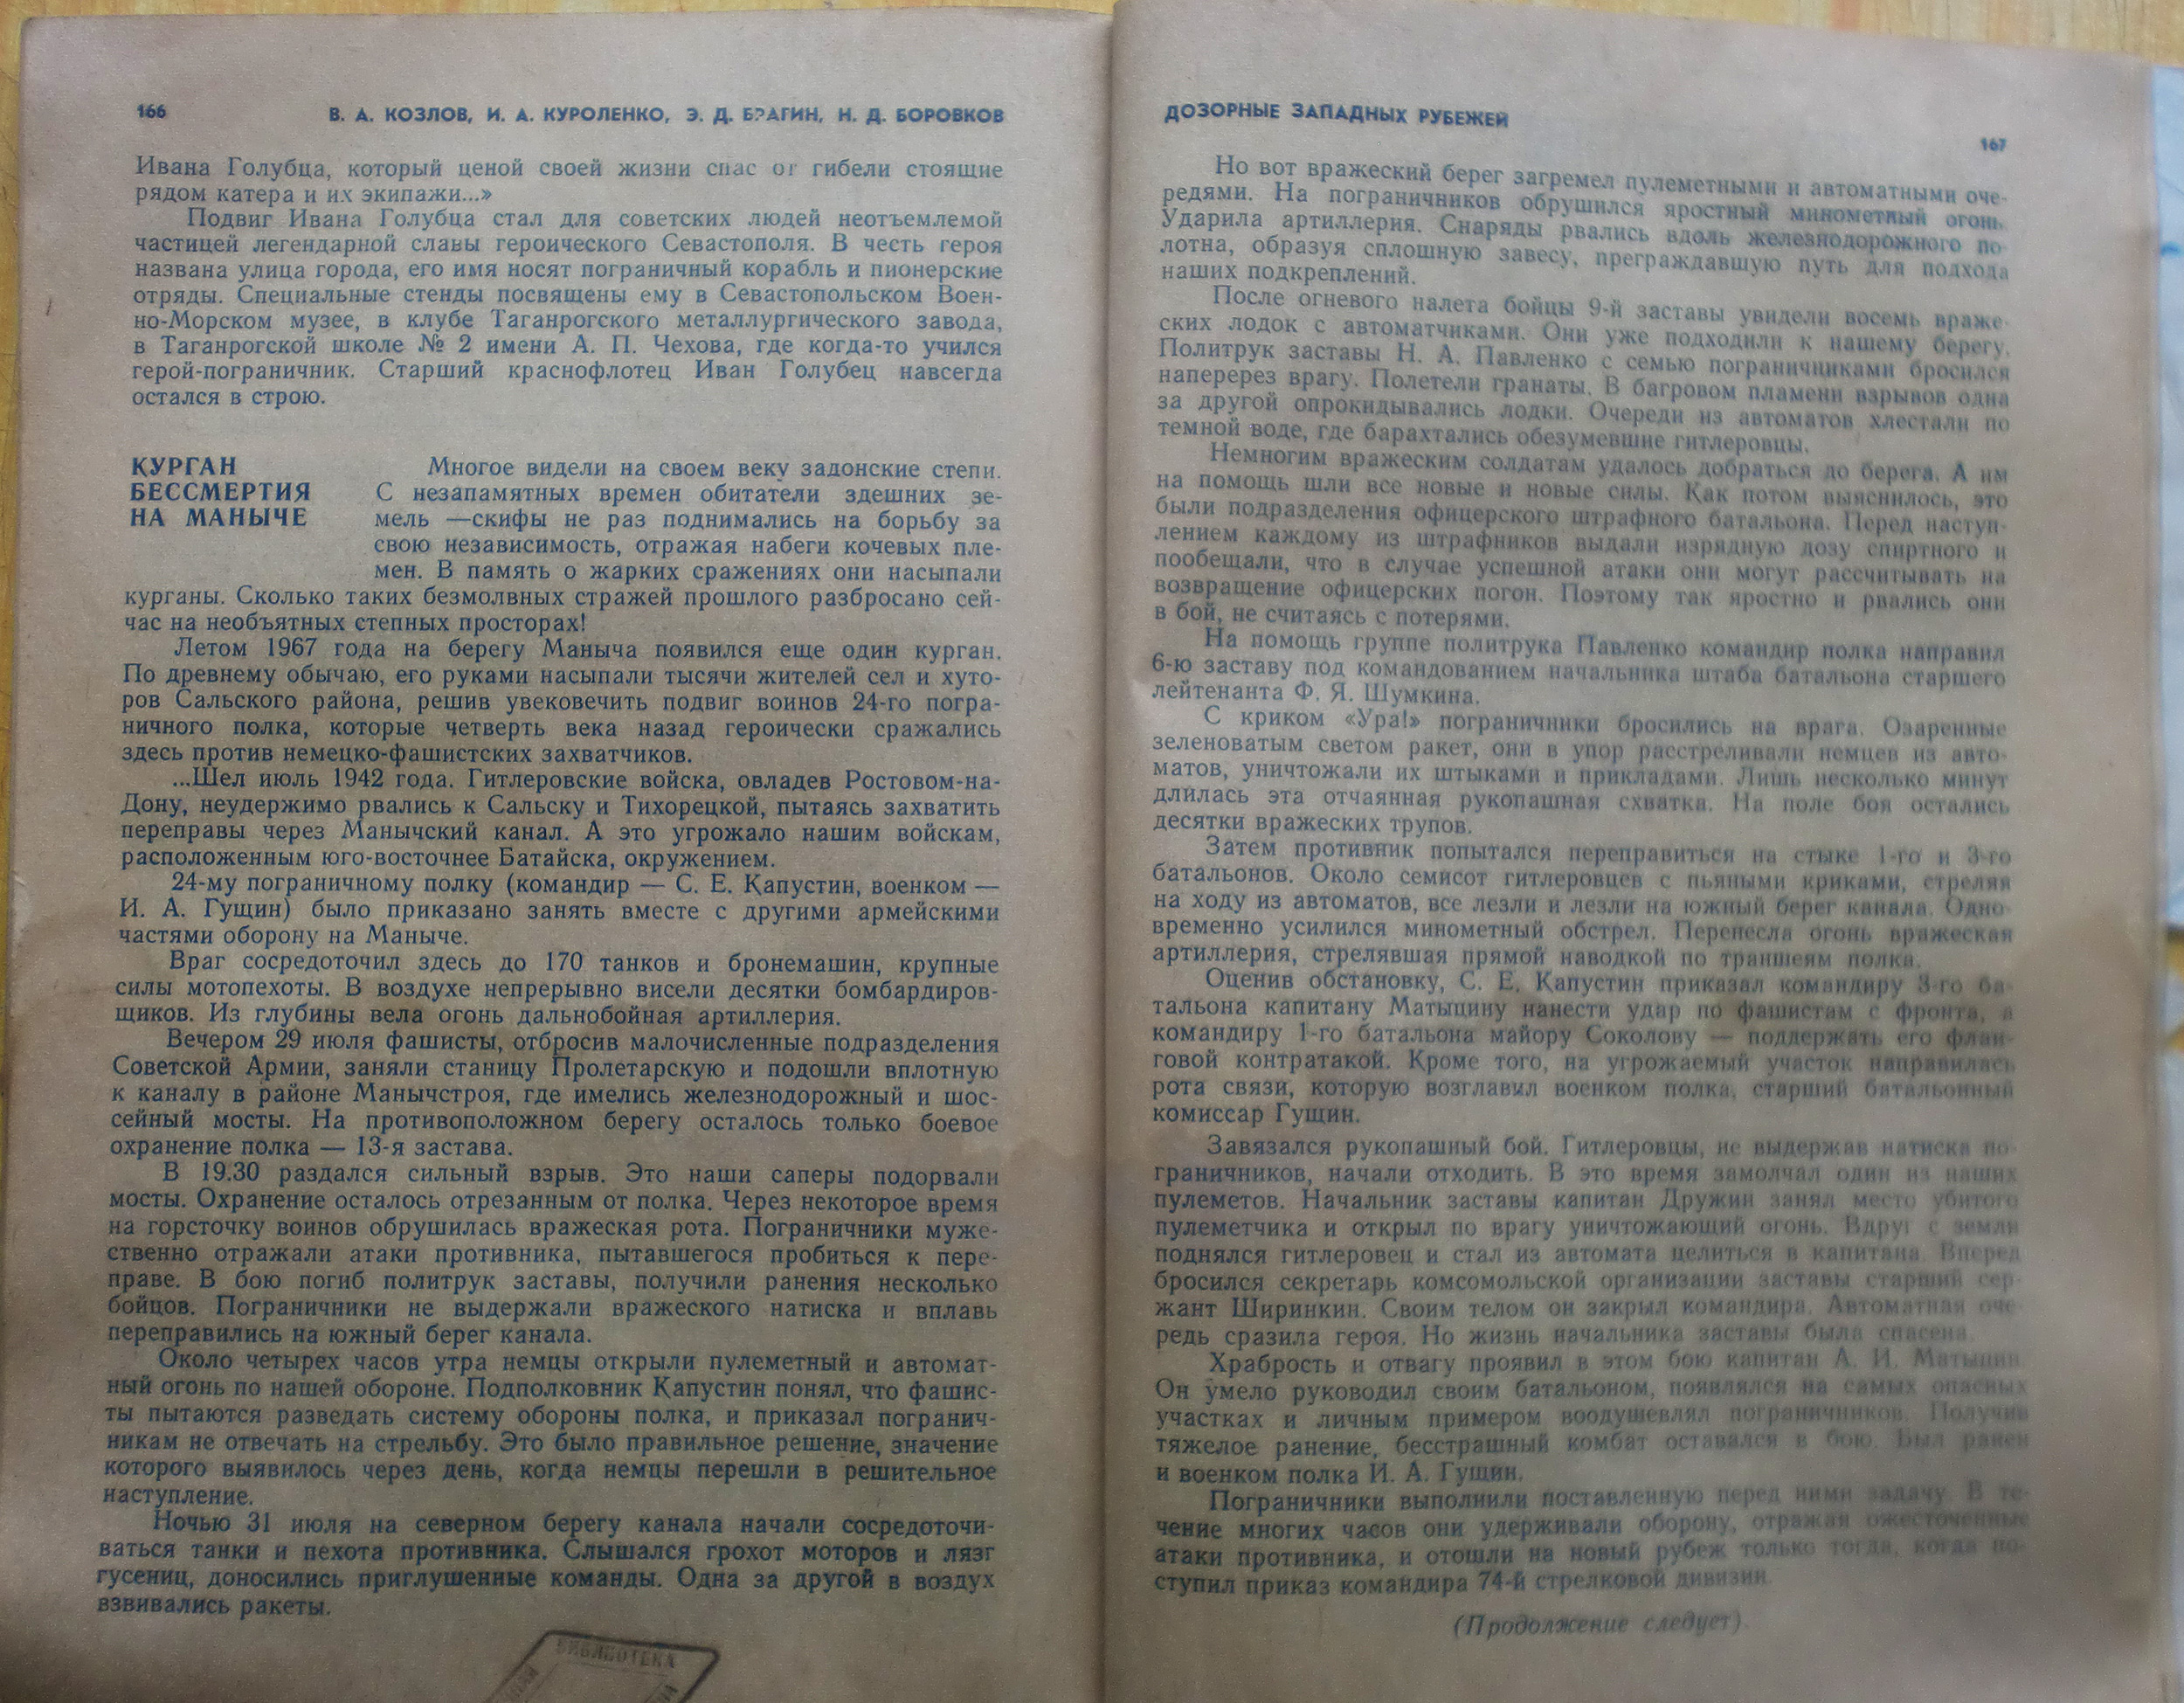 Журнал Радуга 1970 г. - Статья